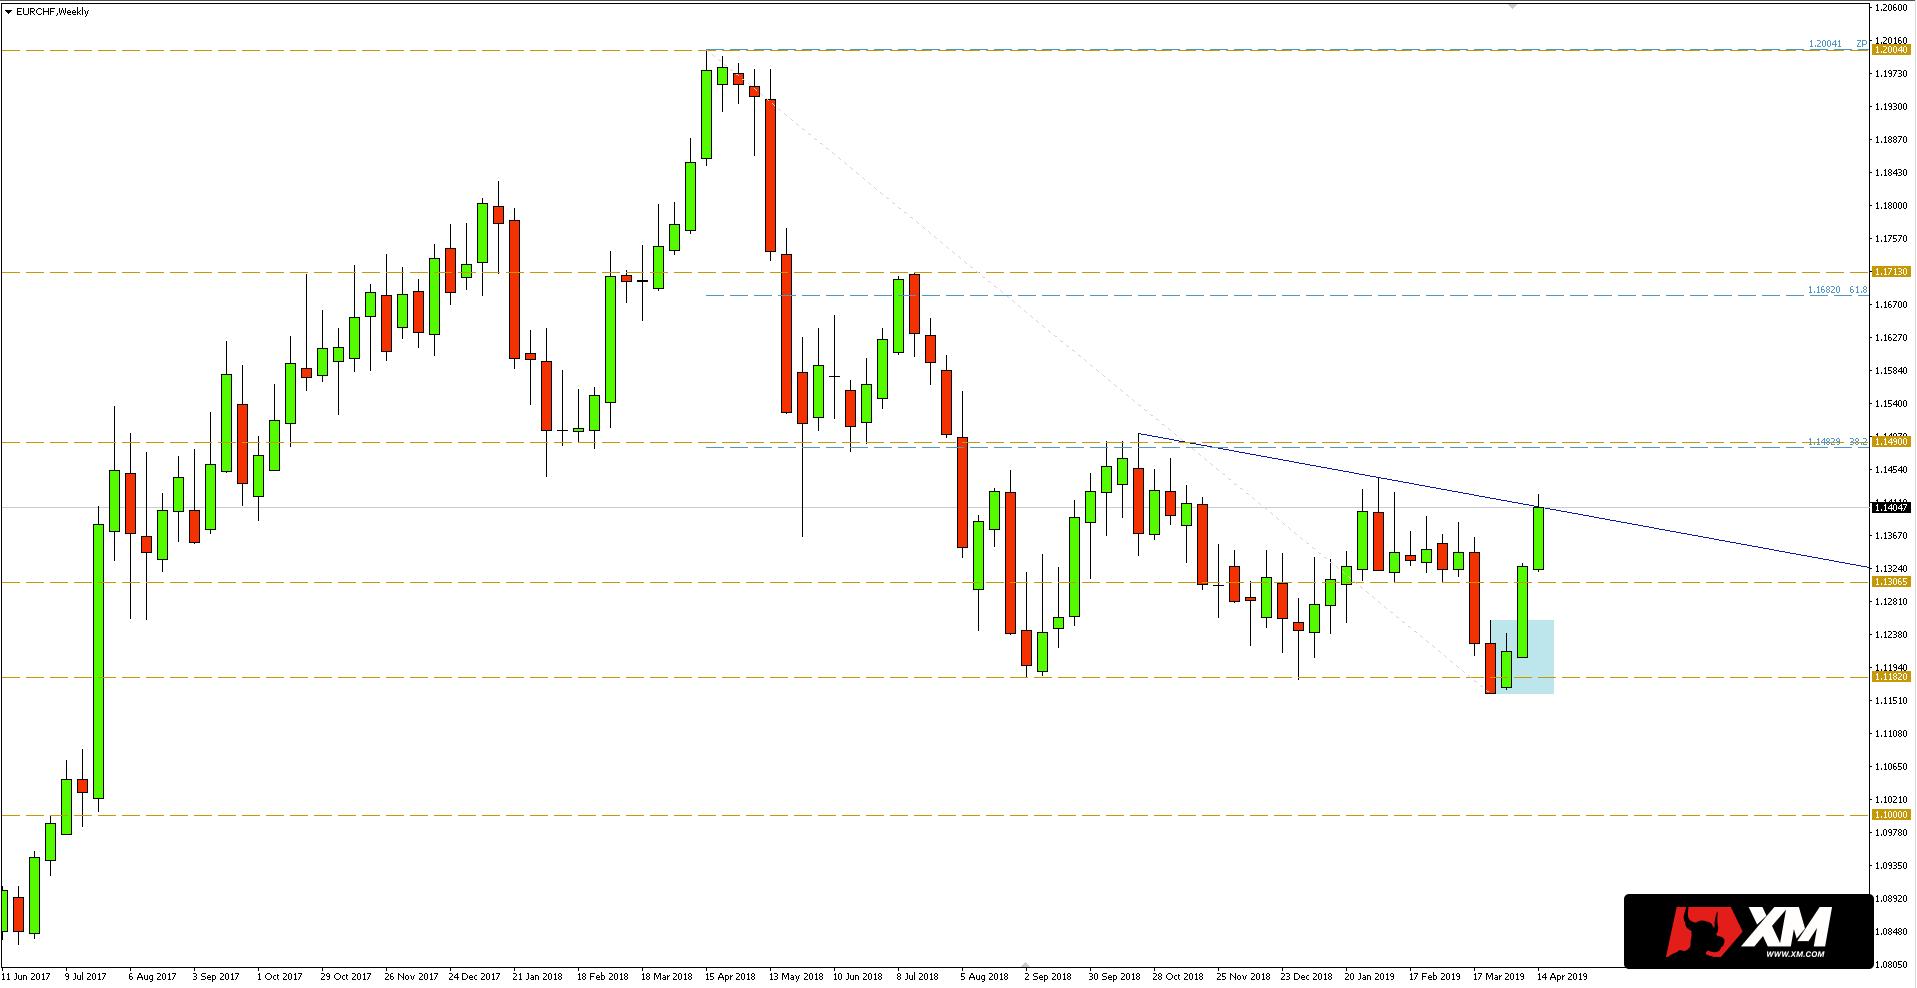 EUR/CHF - wykres tygodniowy - 19 kwietnia 2019